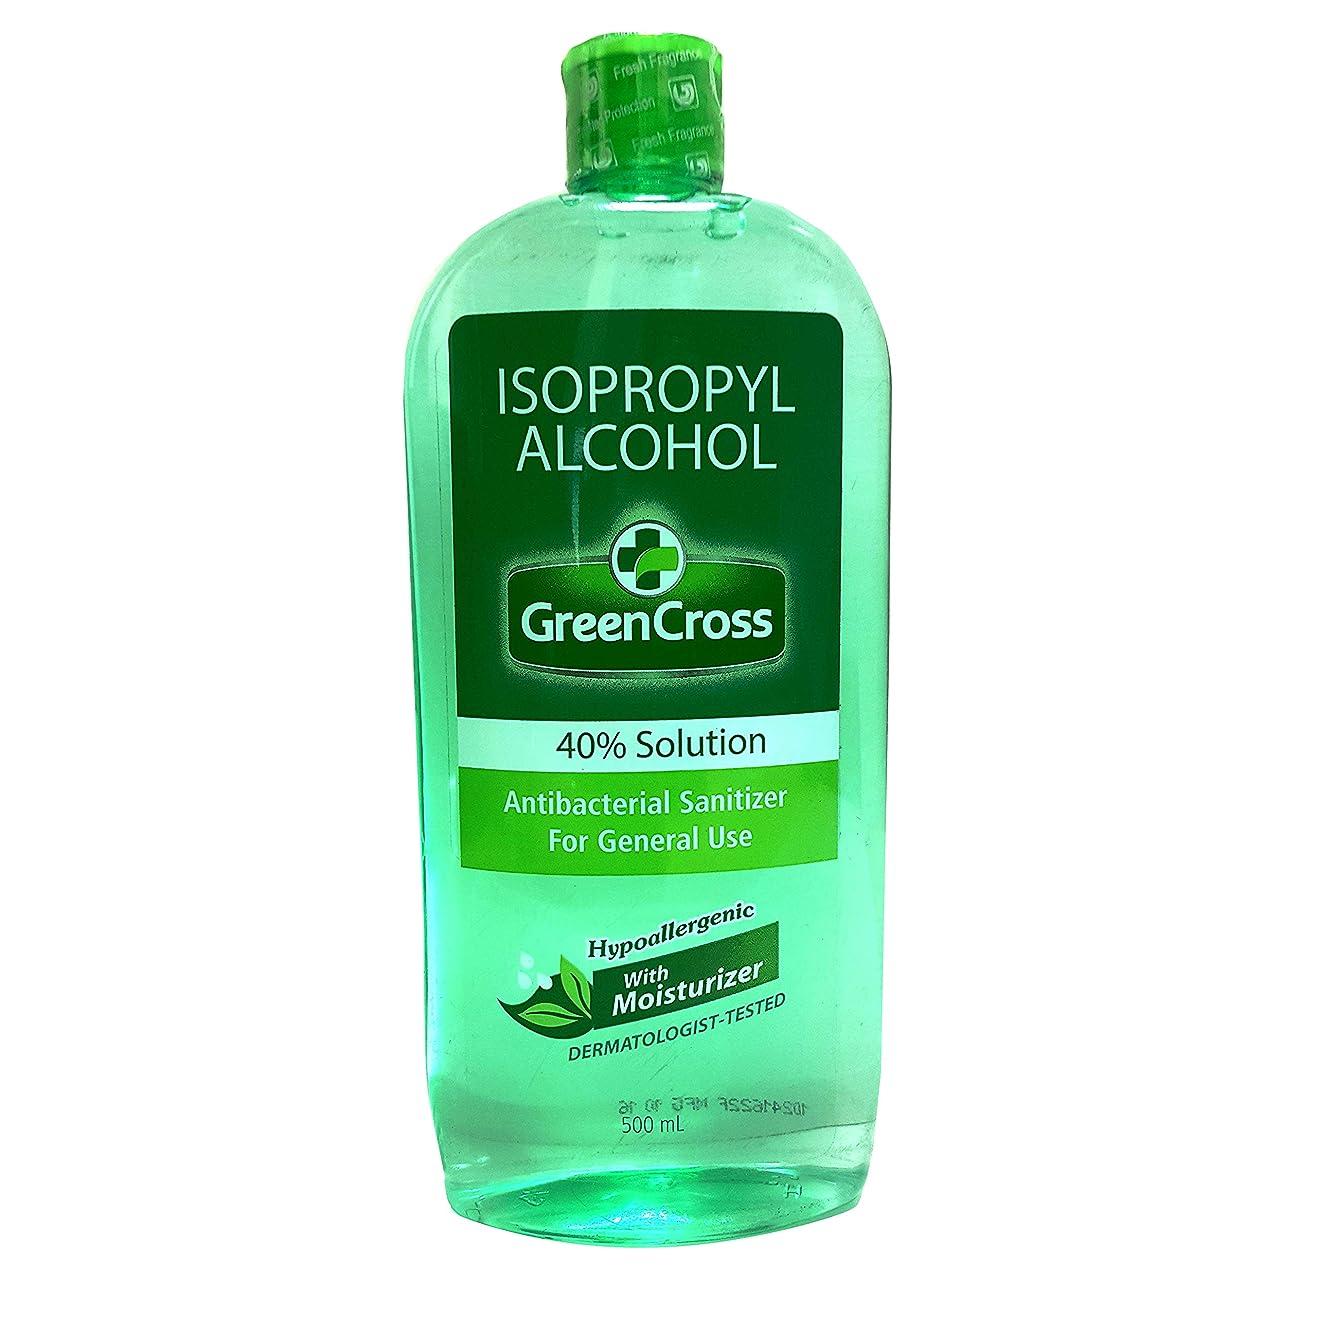 反応するマーガレットミッチェル重要なGREEN CROSS with Moisturizer Rubbing  ALCOHOL 40% 500ml グリーンクロス ウィズ モイスチャー 手洗い用 アルコール